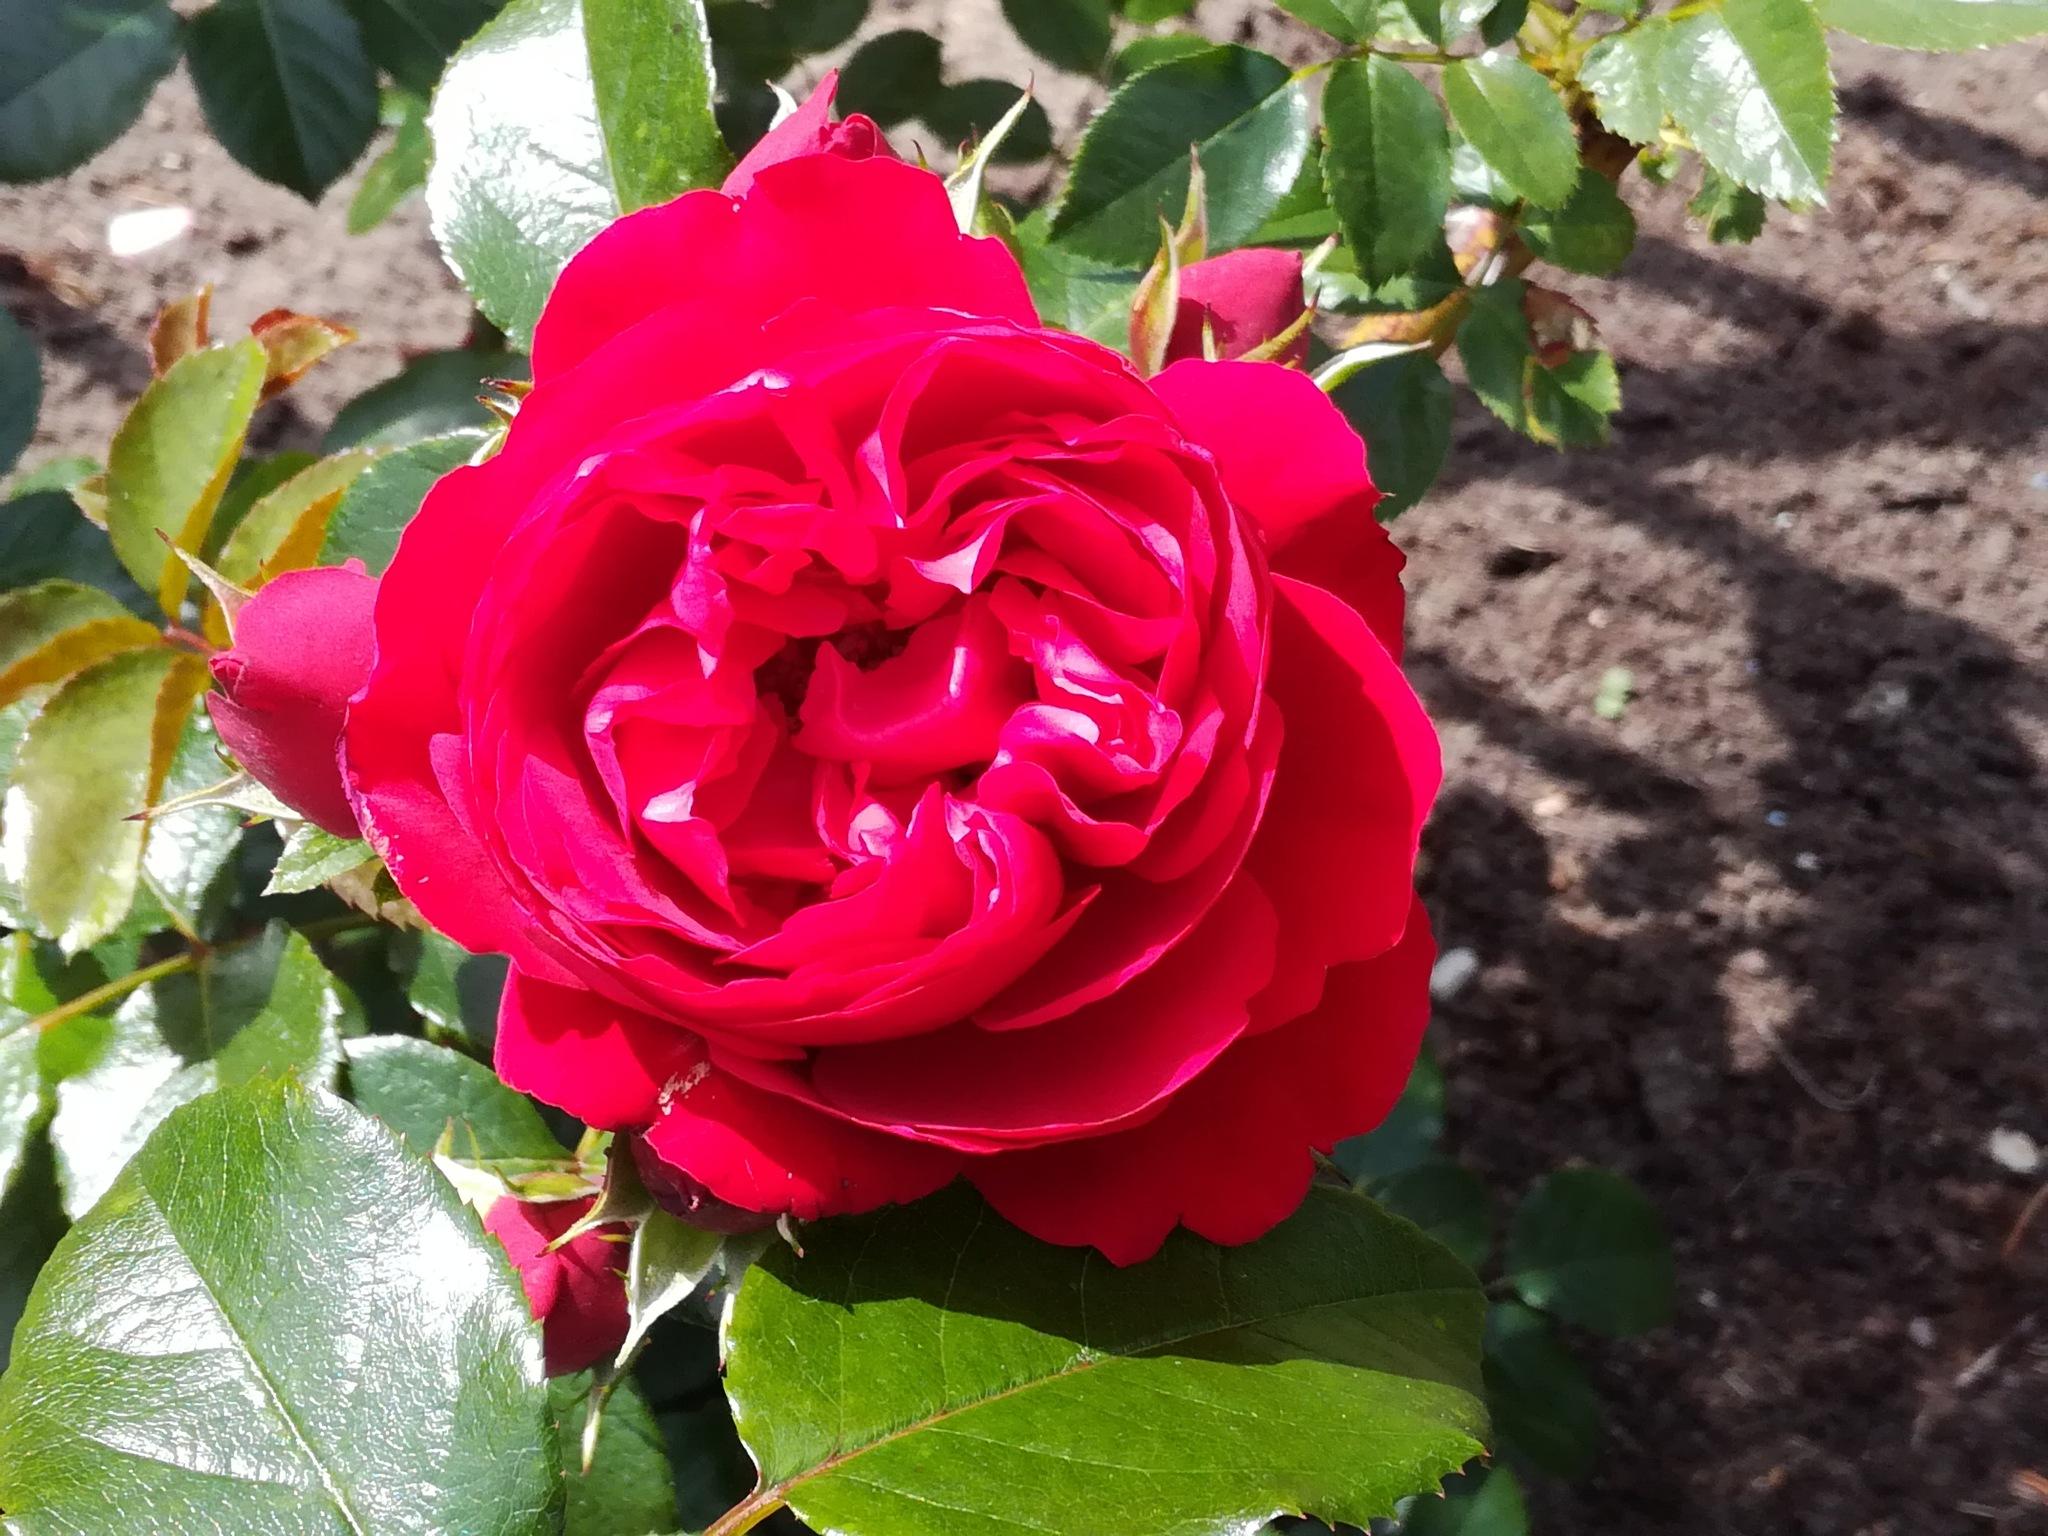 Red rose by uzkuraitiene62